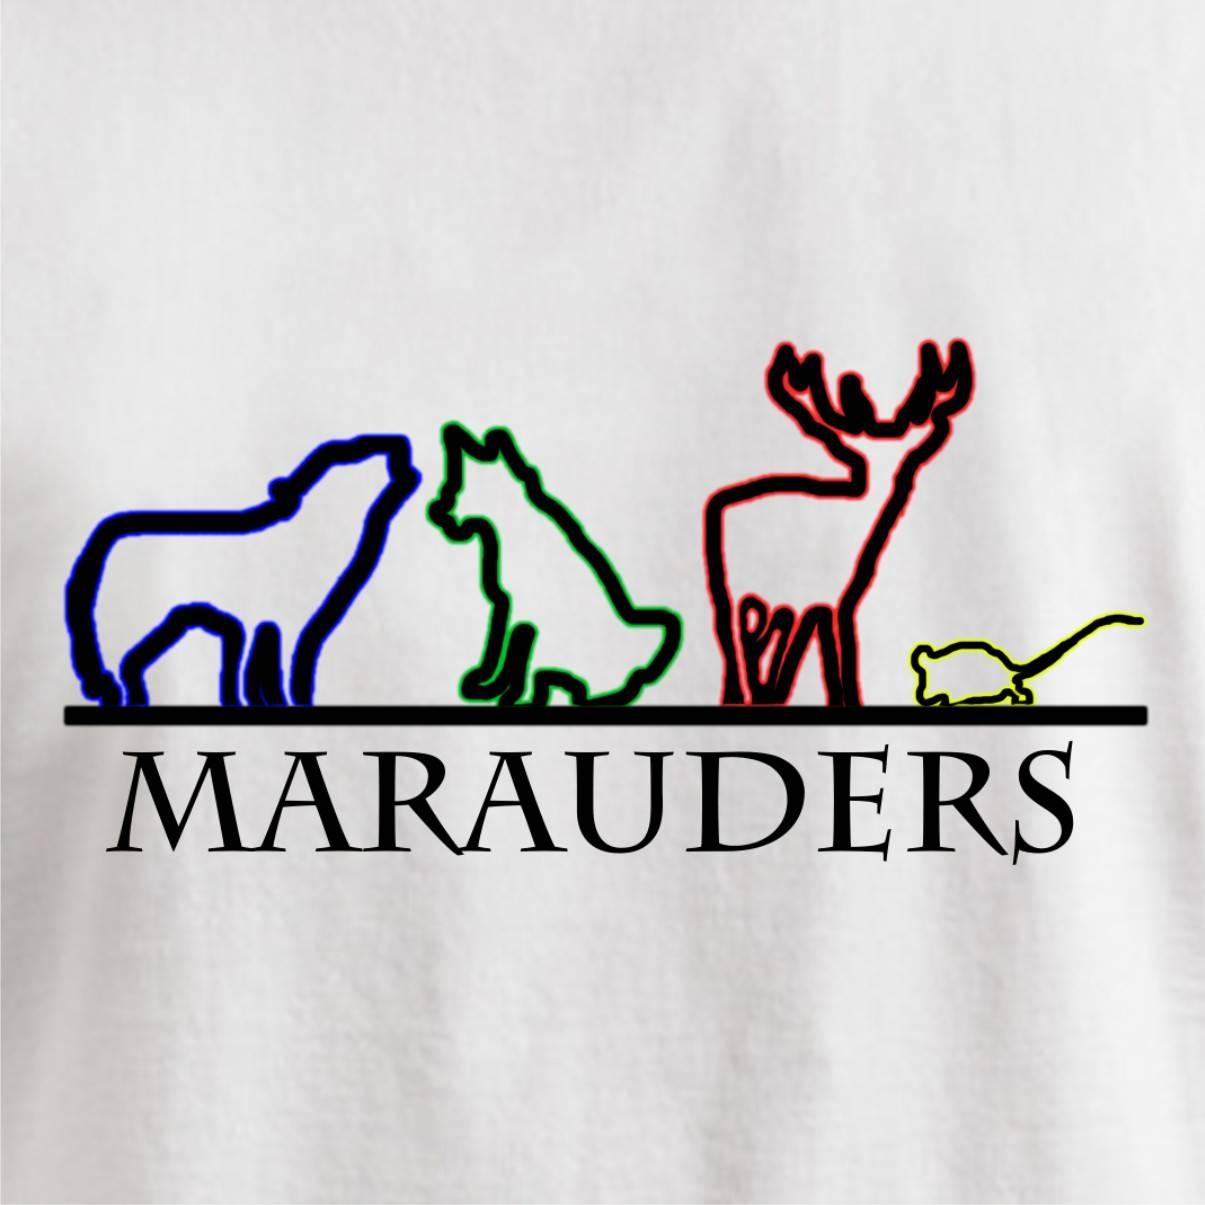 MARAUDERS